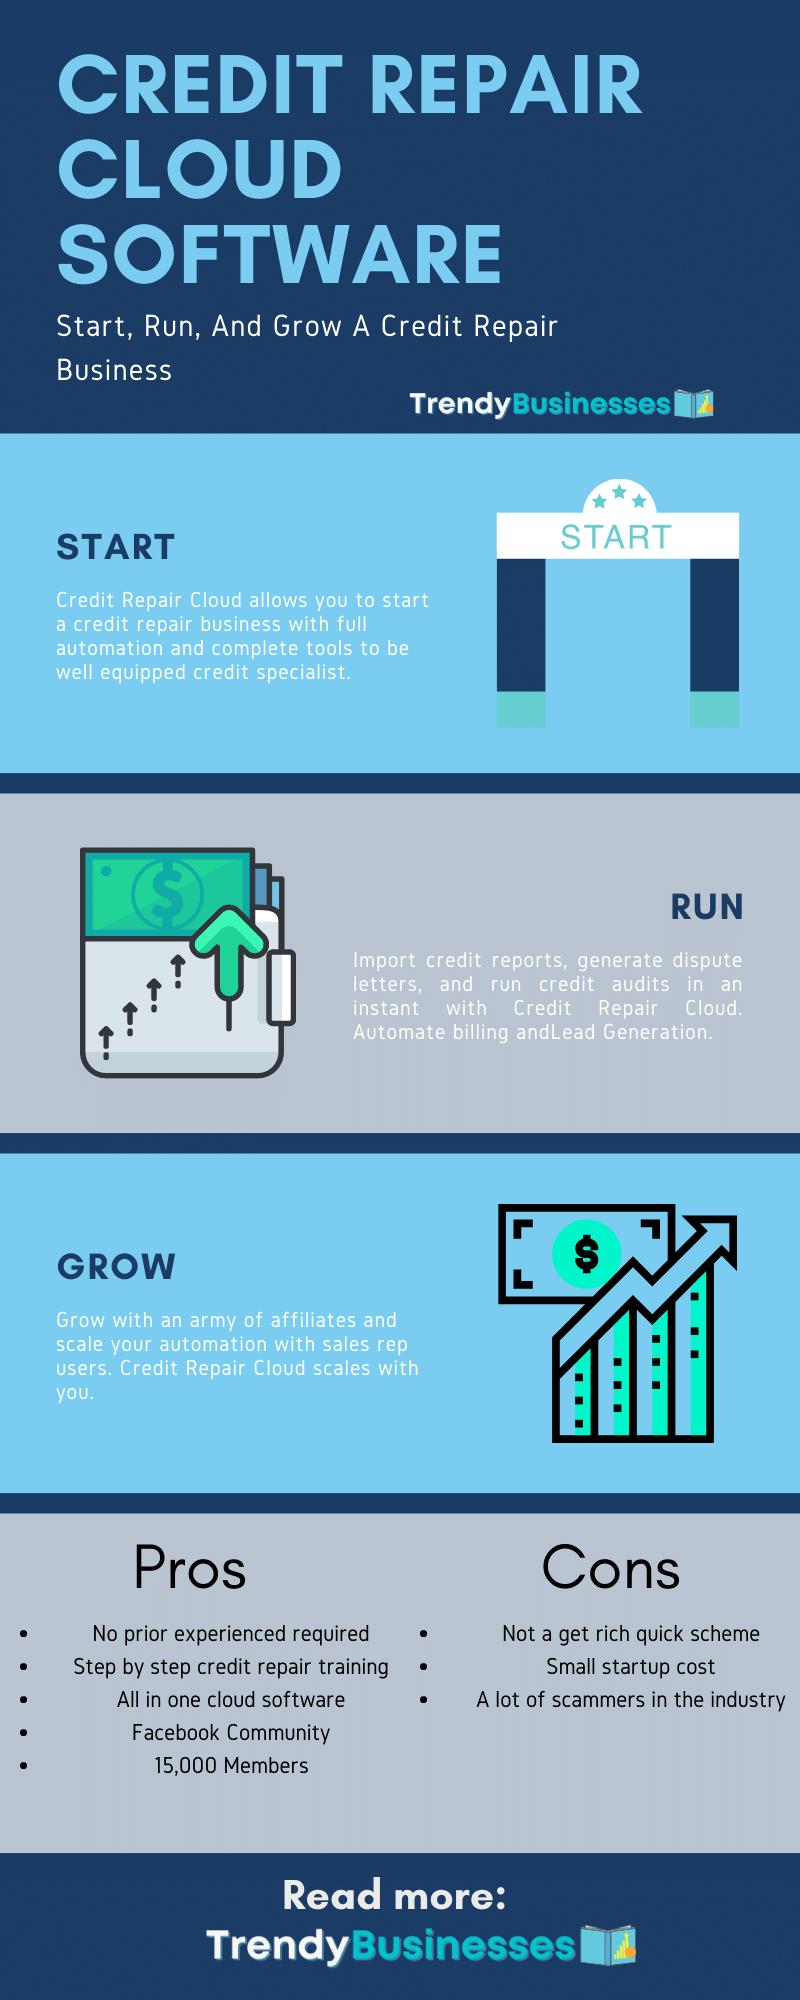 Credit Repair Cloud Infographic